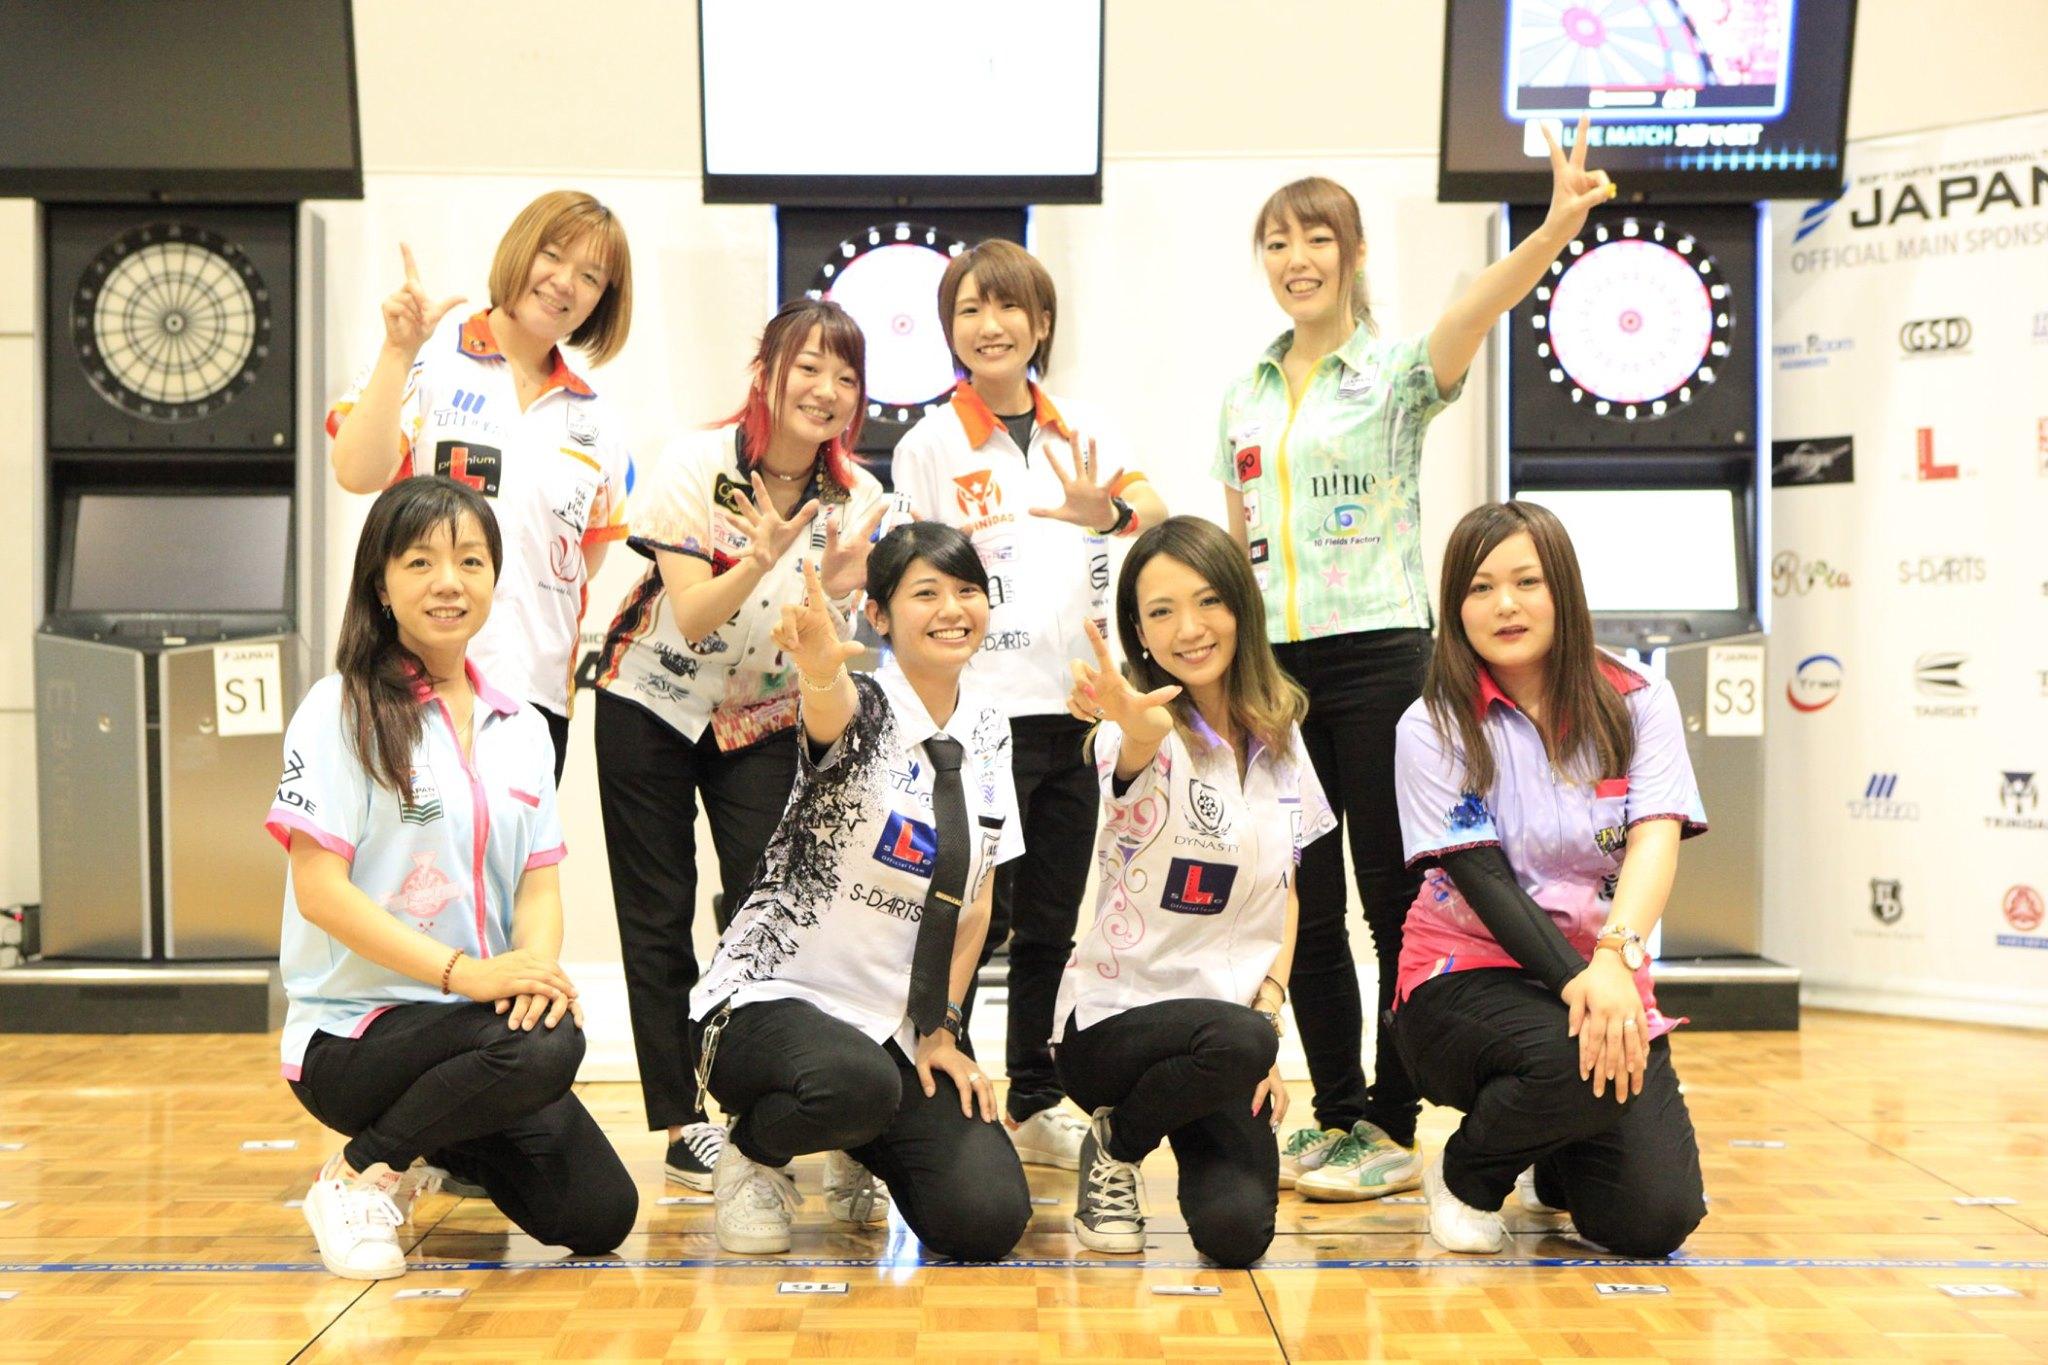 【JAPAN 2019】STAGE 8 福岡:JAPAN LADIES 8